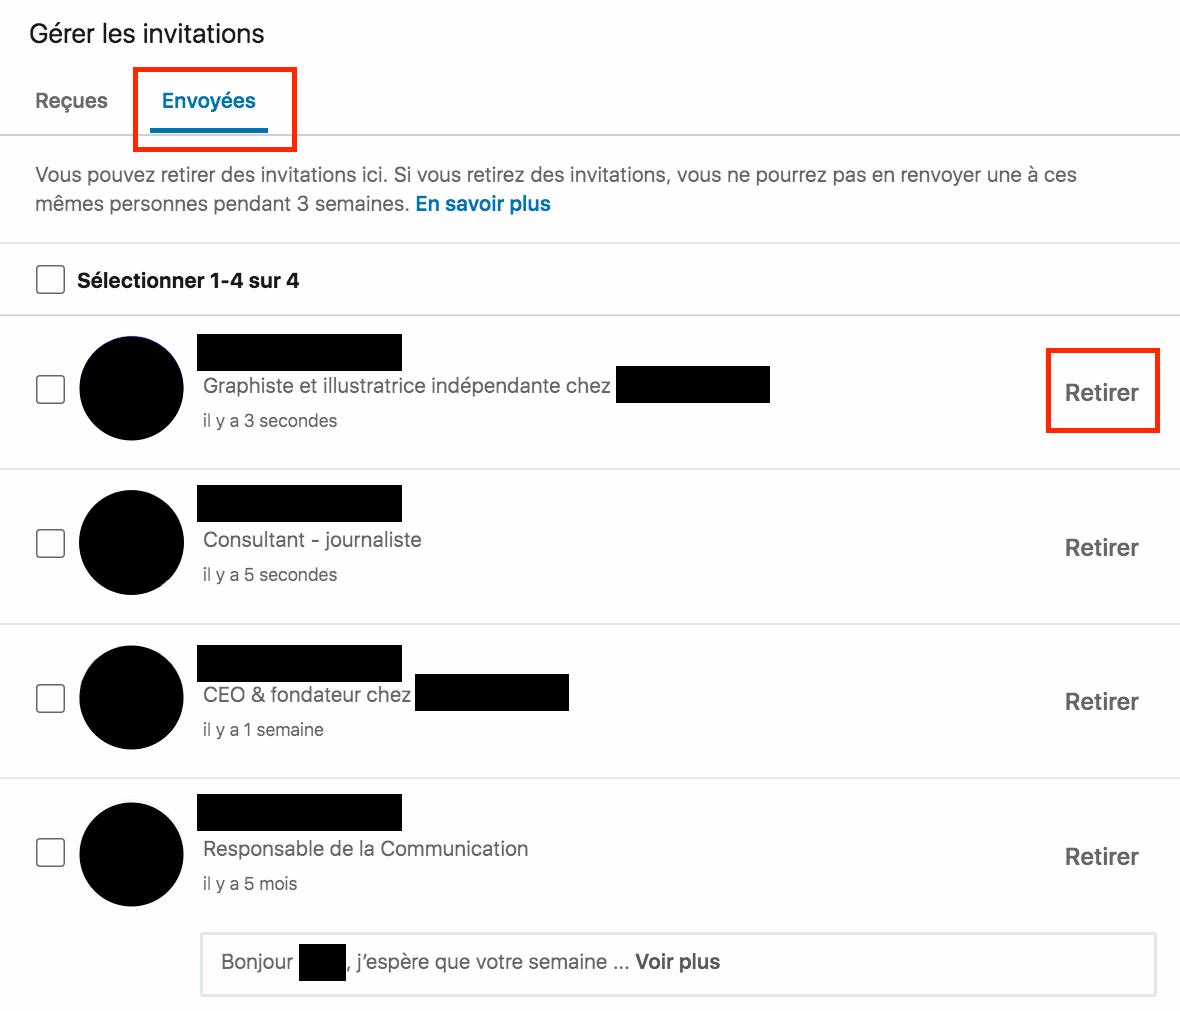 La méthode pour annuler une invitation sur LinkedIn